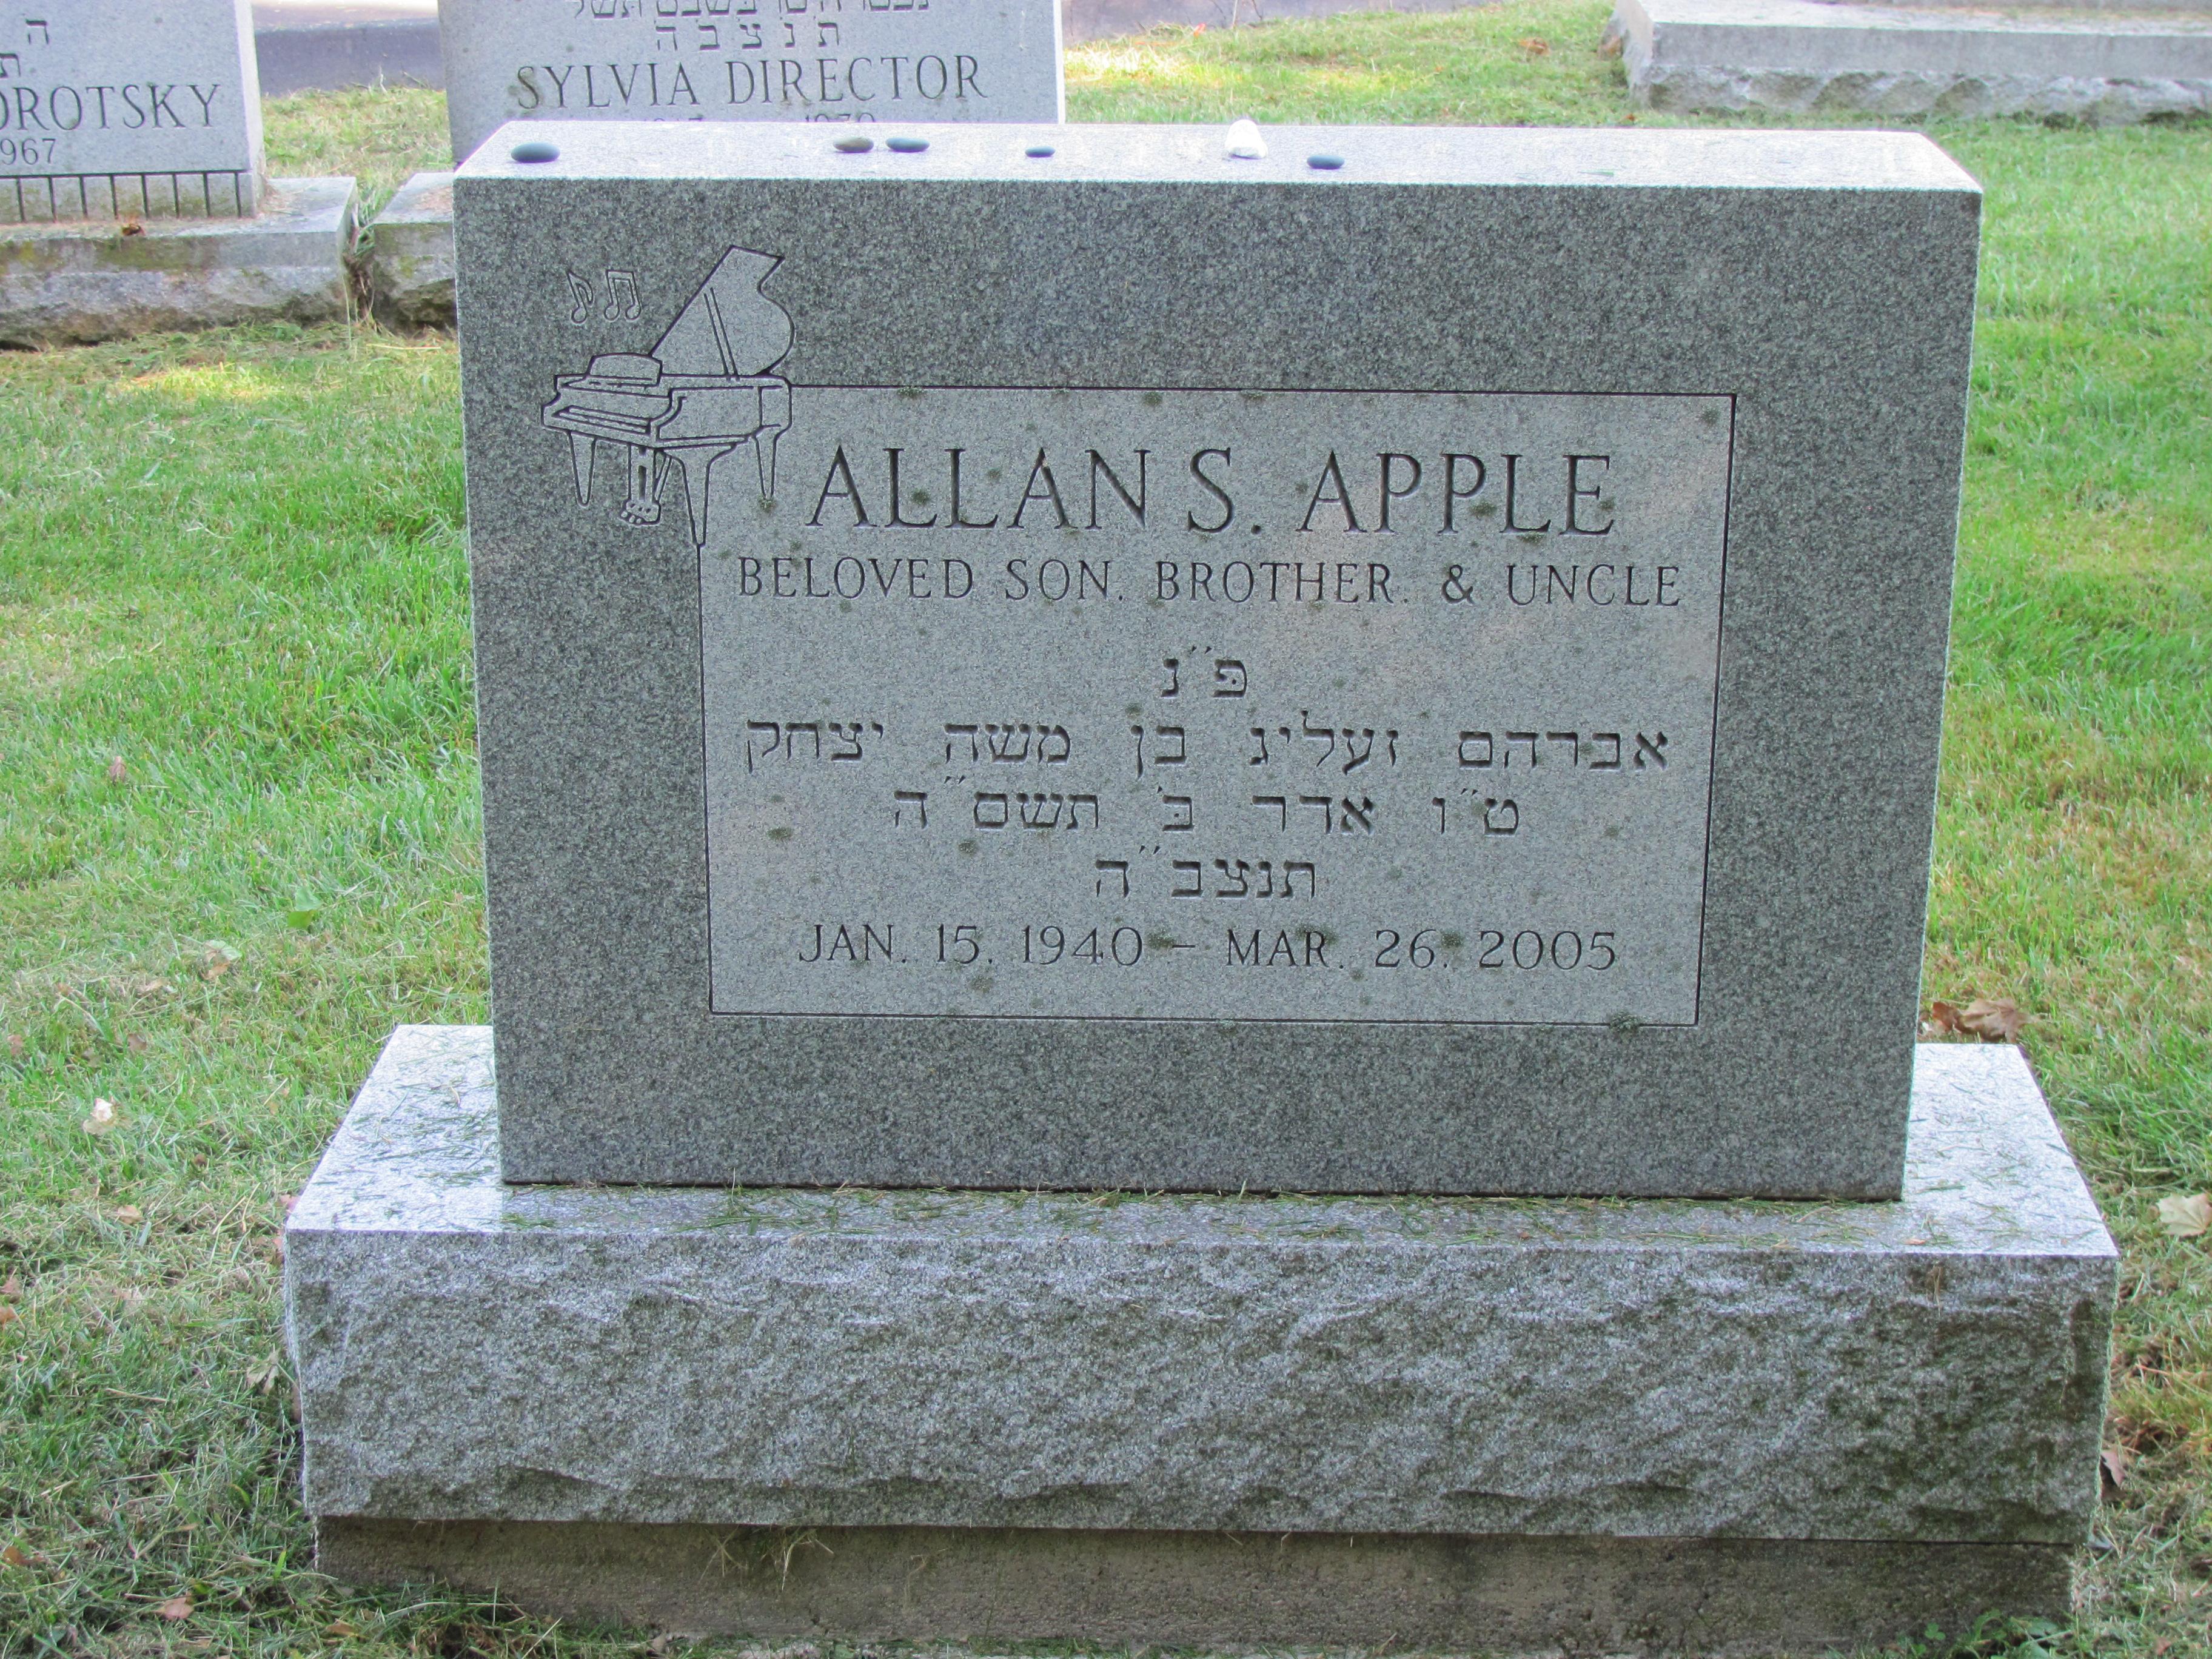 Allan Shepherd Apple